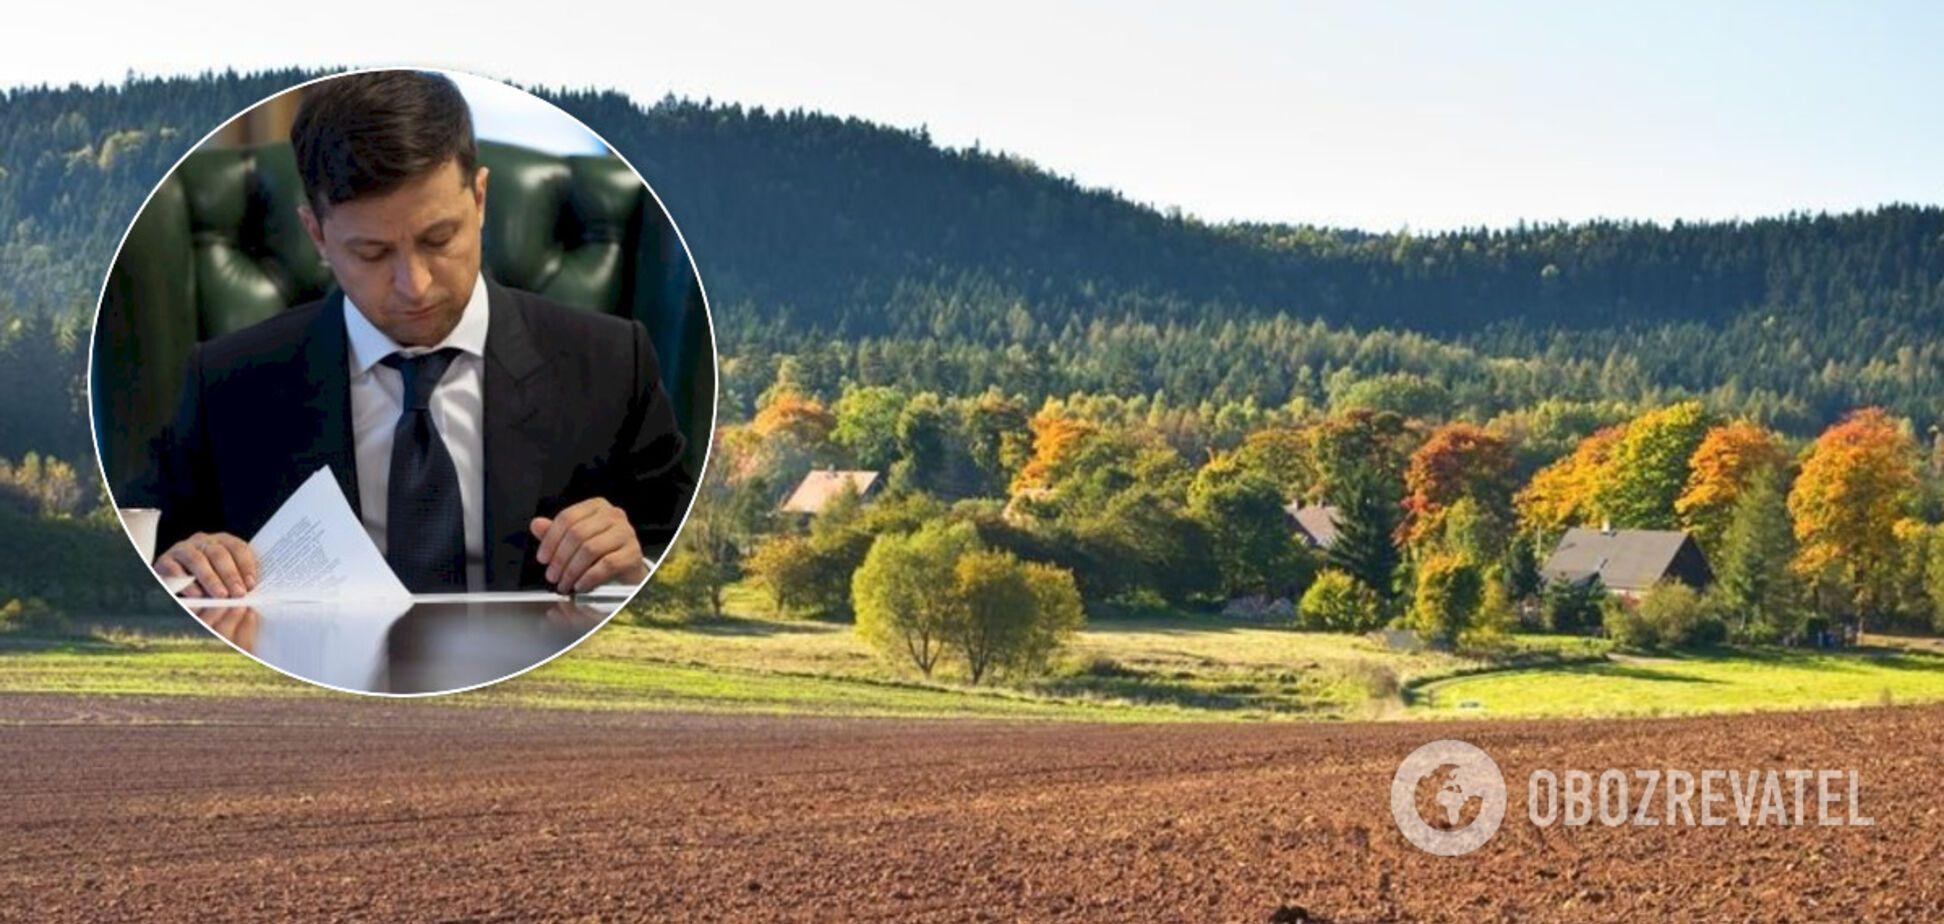 Зеленский открыл рынок земли: как будет работать и кто получит бесплатно